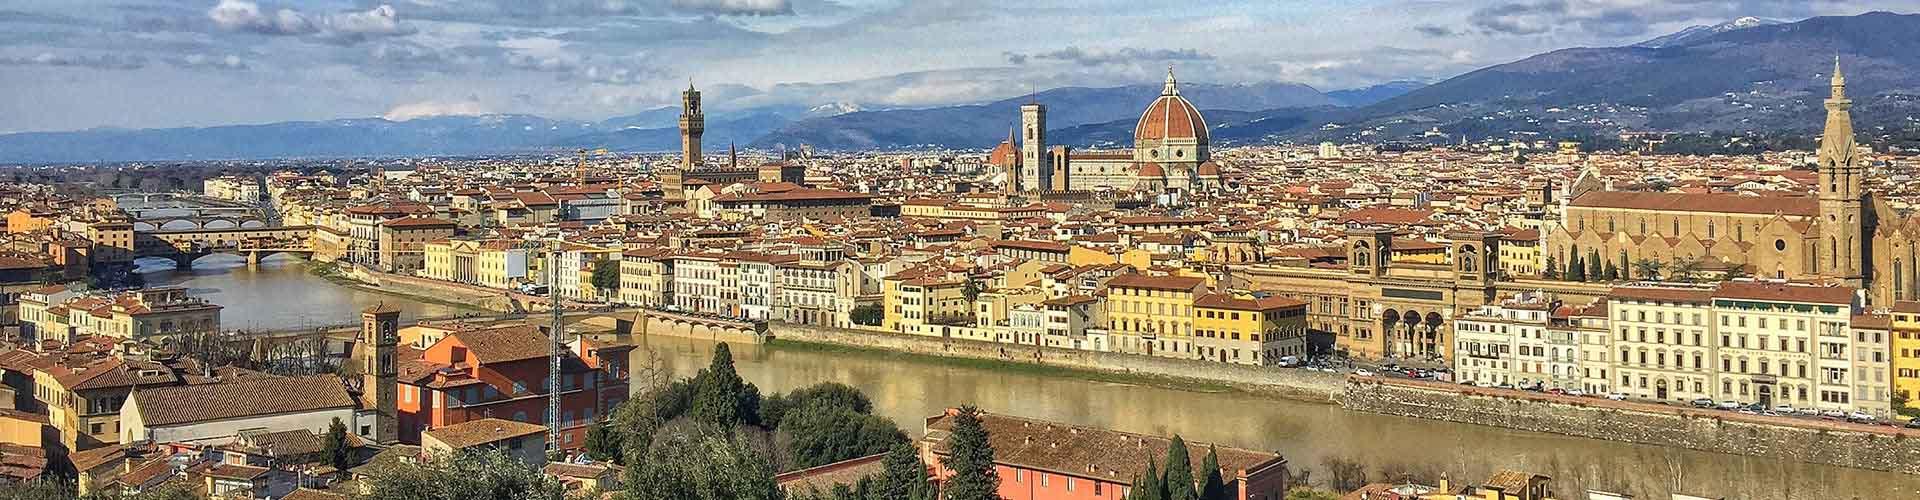 Firenze – Hostellit kaupungiosassa Duomo - Oltrarno. Firenze -karttoja, valokuvia ja arvosteluja kaikista Firenze -hostelleista.